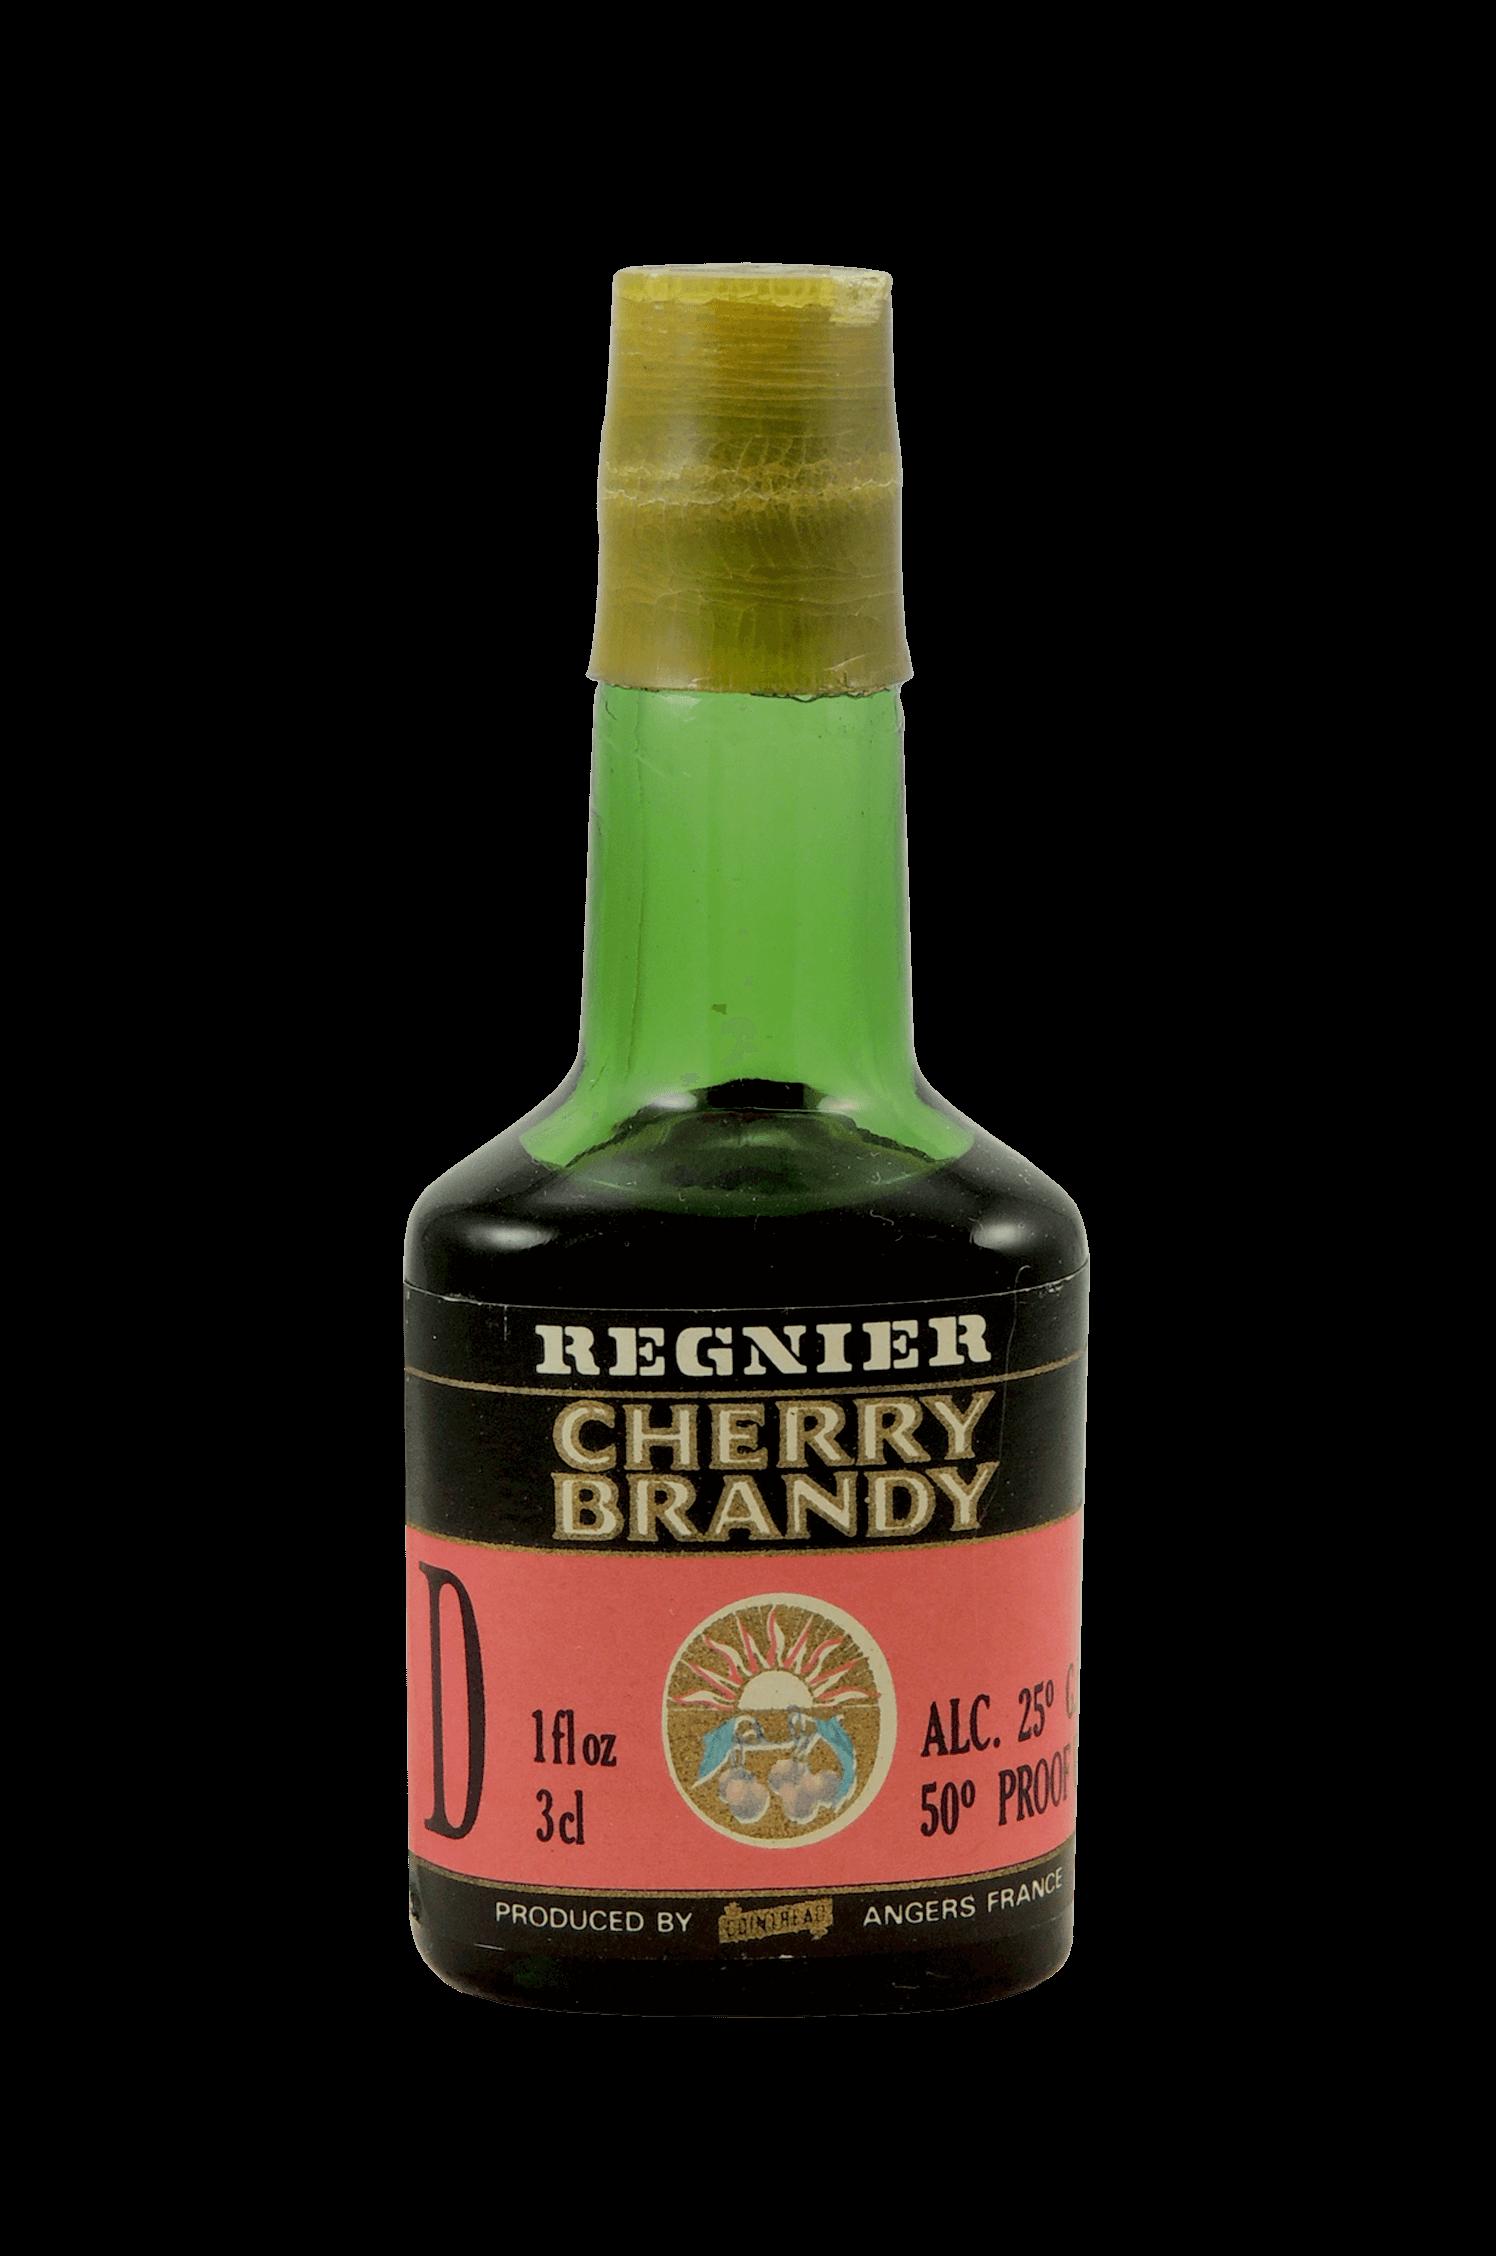 Regnier Cherry Brandy